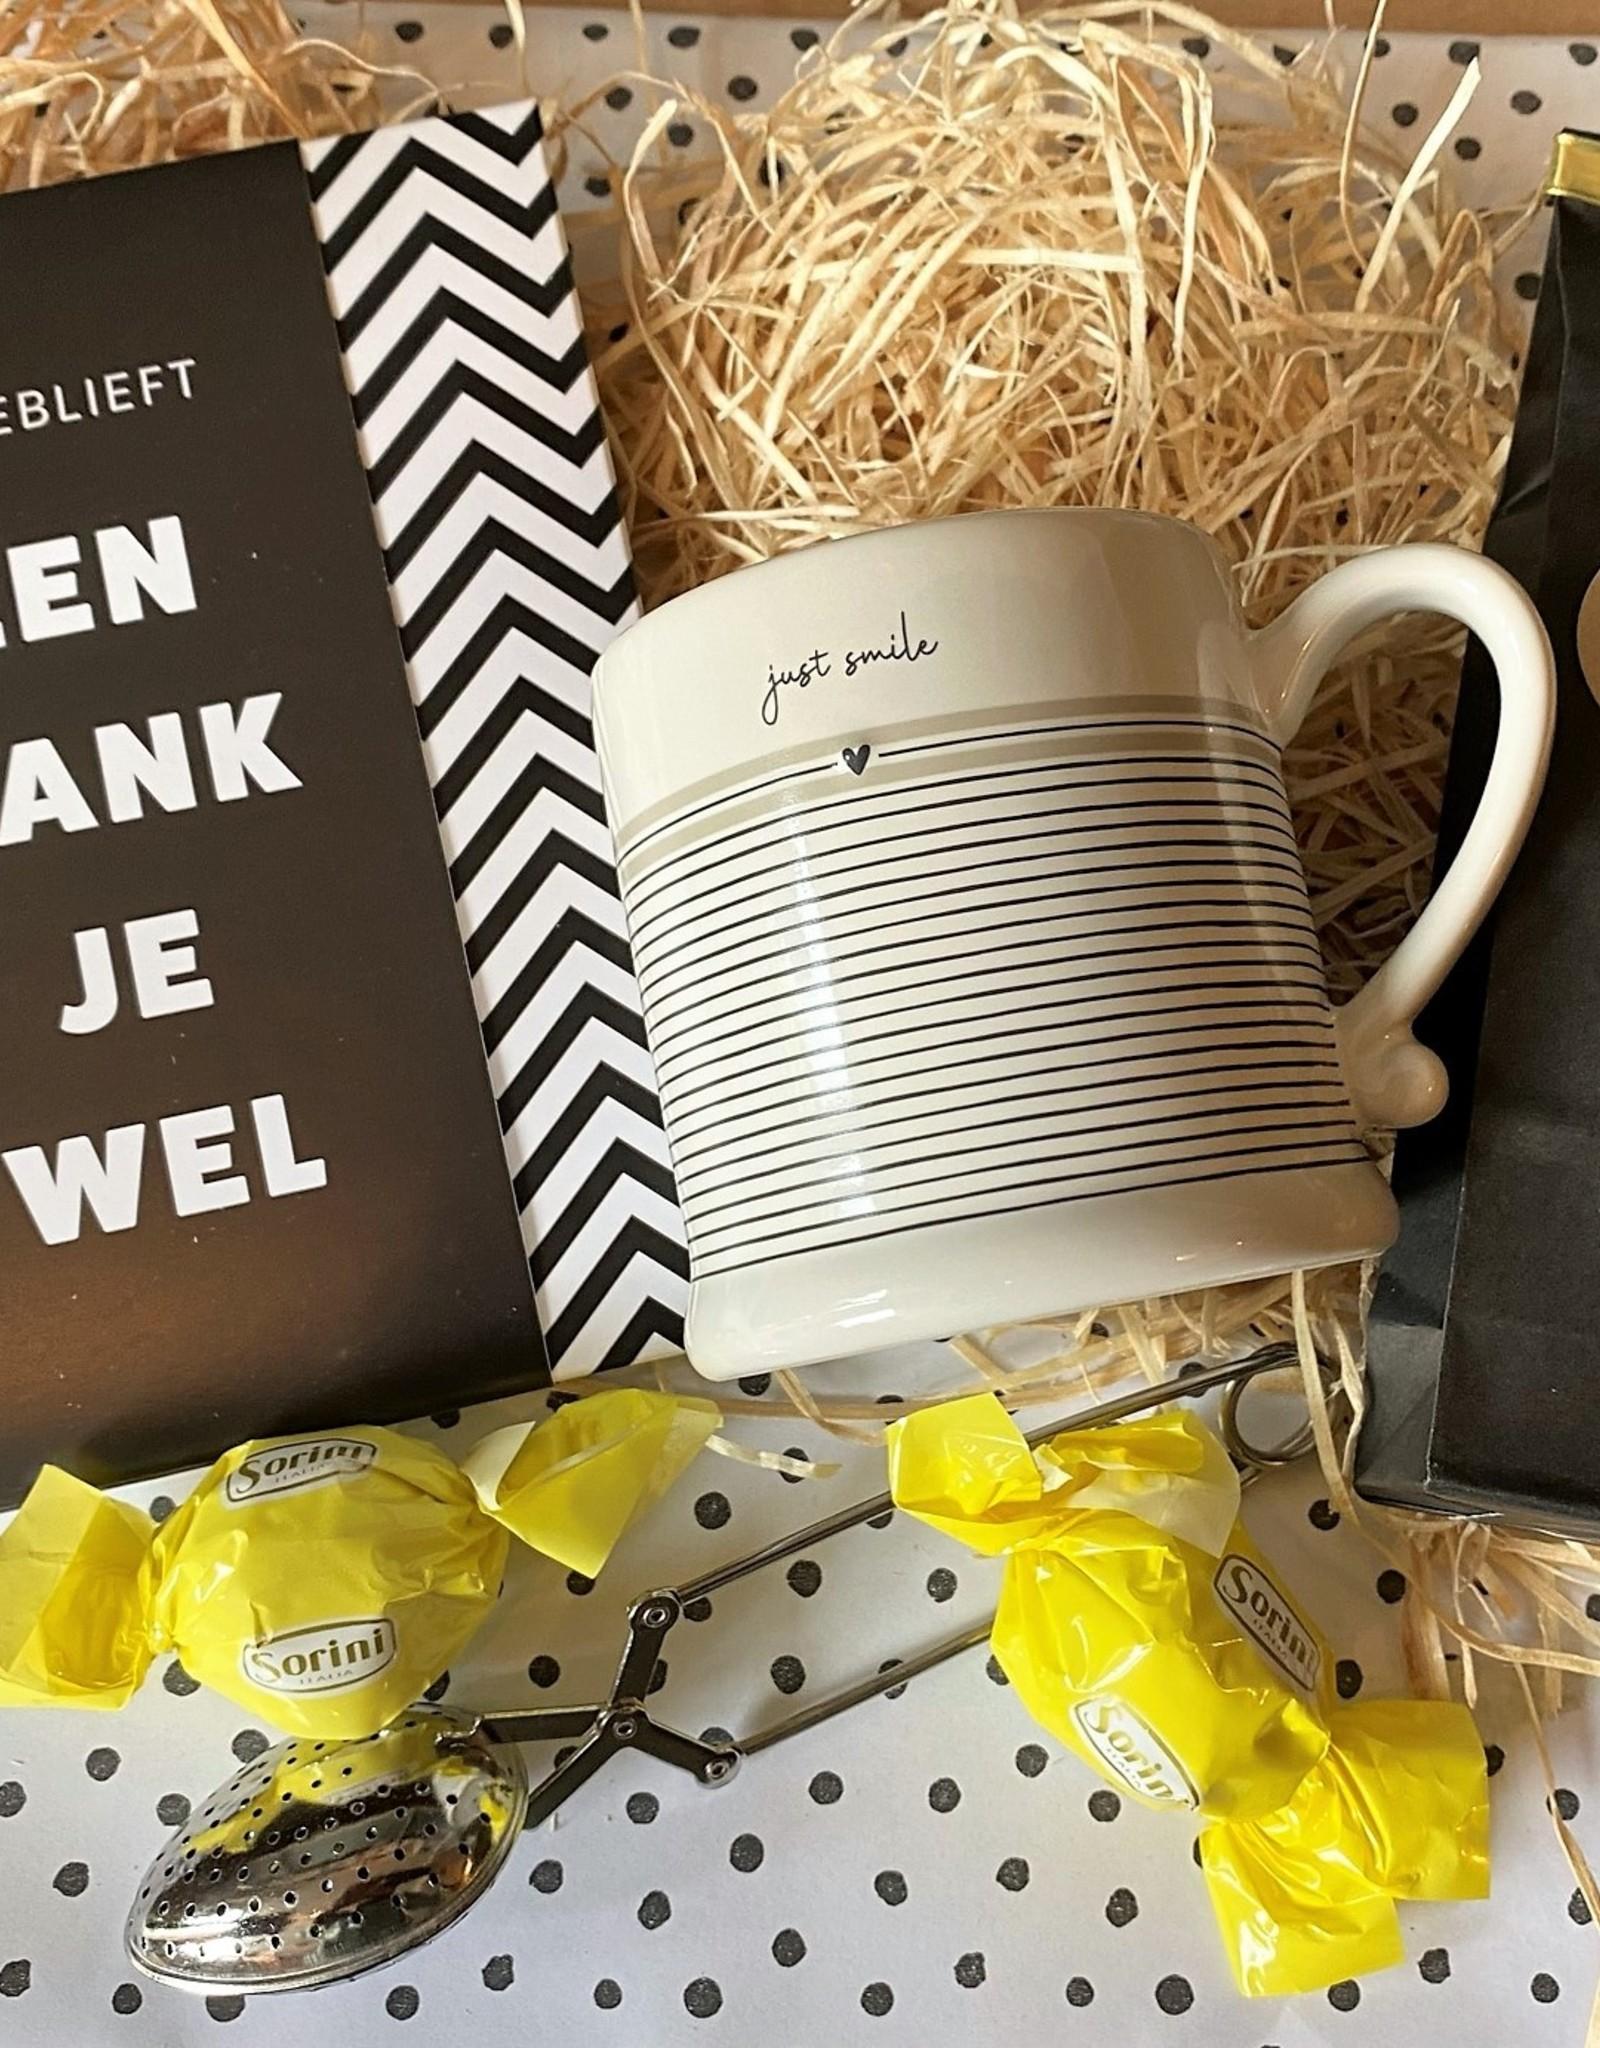 Bedanktpakket Thee met wenschocolade en Bastion Mok - Copy